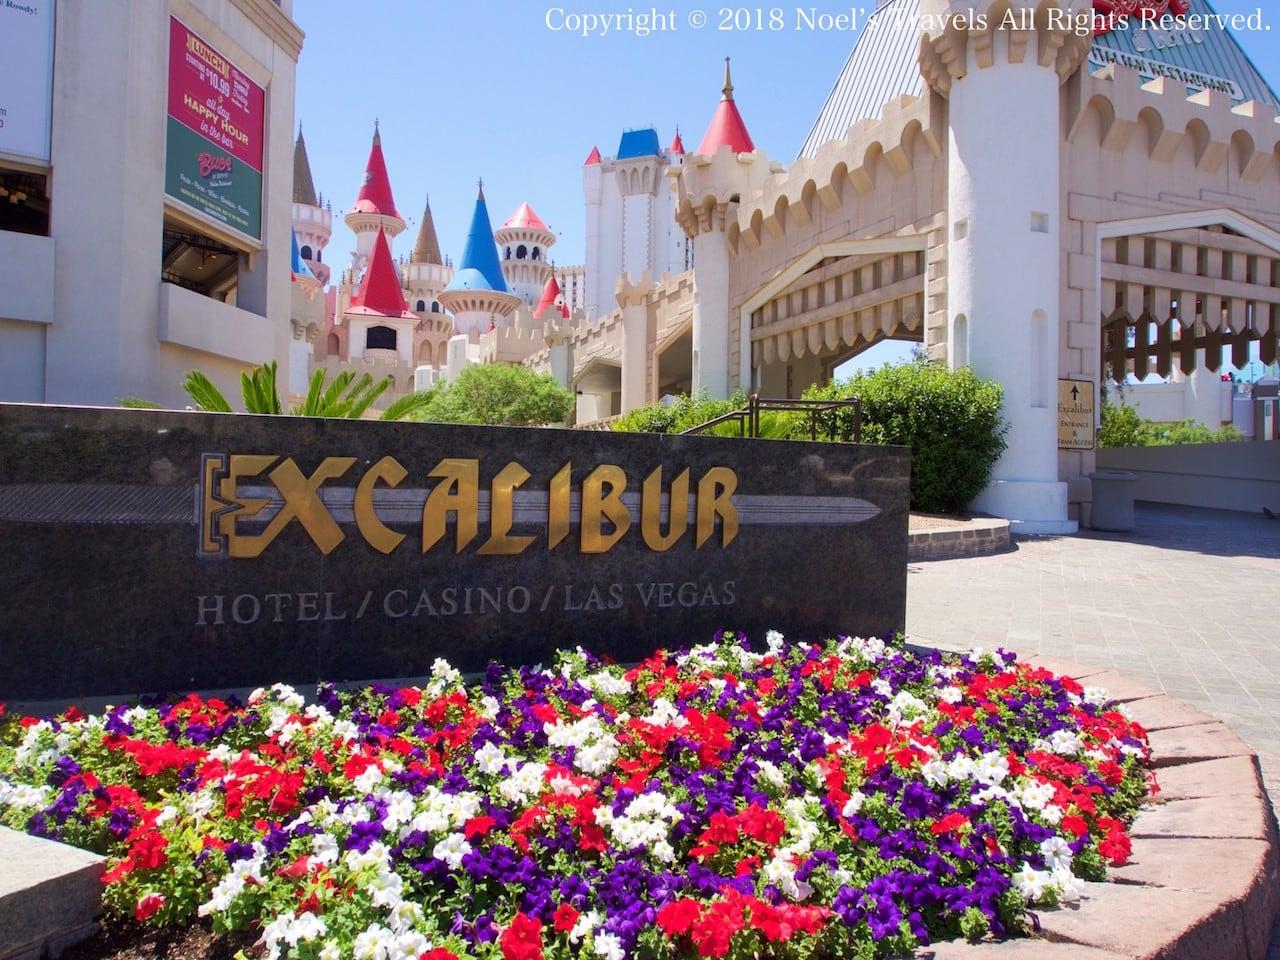 ラスベガスのホテル「エクスカリバー」